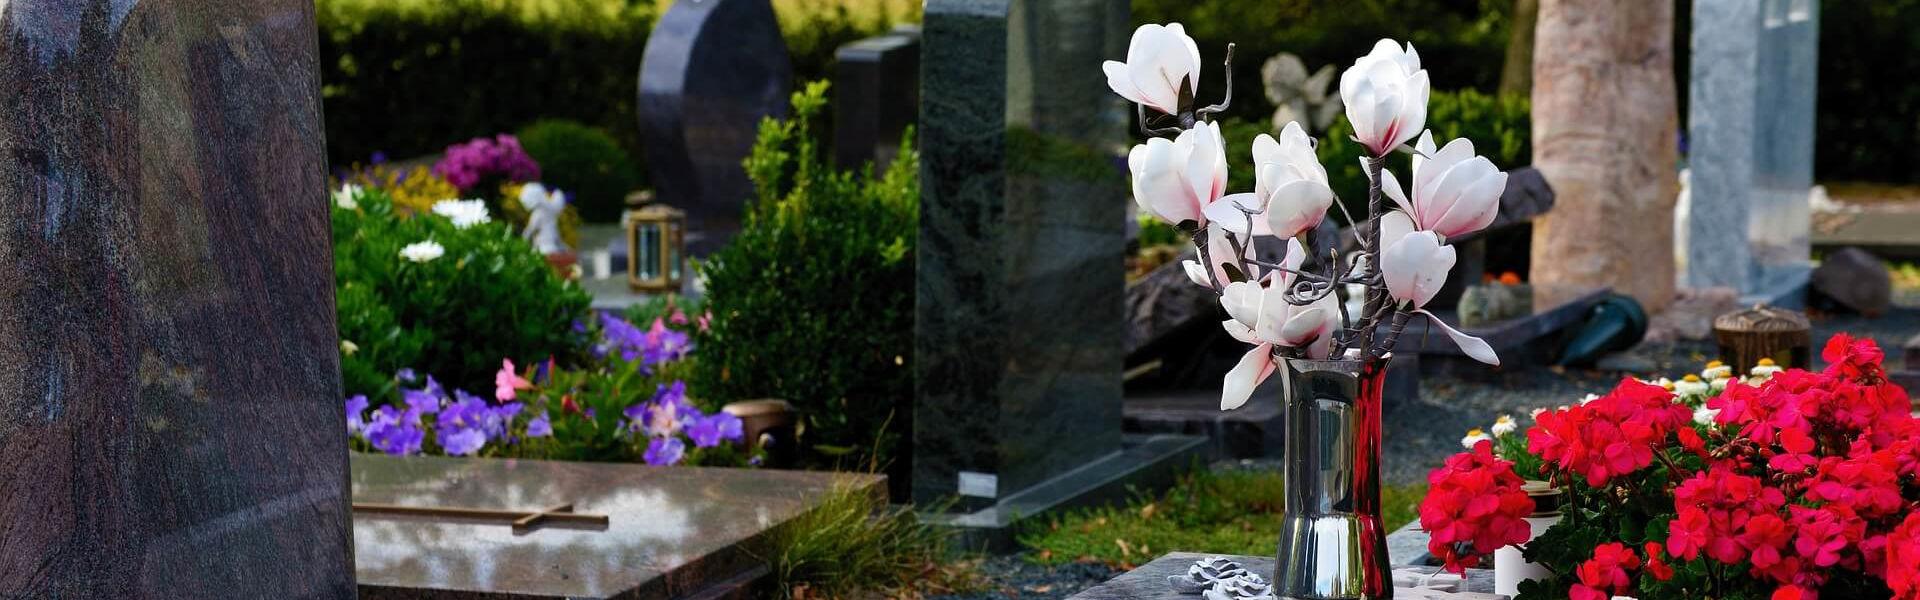 Gärtnerei Sirch - Grabpflege